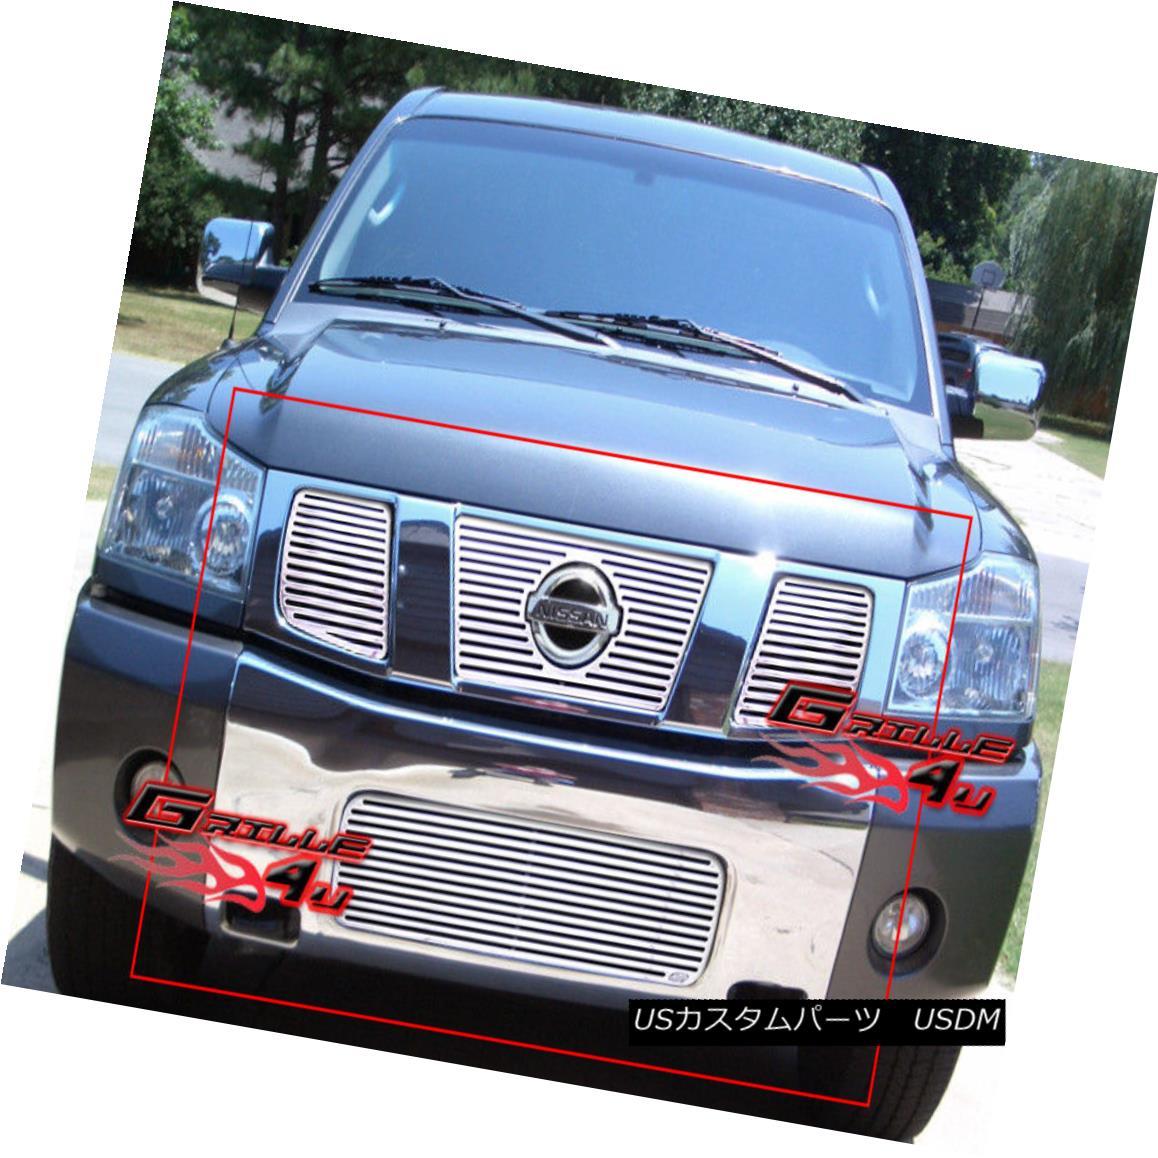 グリル Fits 2004-2007 Nissan Titan/Armada Perimeter Billet Grille Combo フィット2004-2007日産タイタン/陸軍ペリメータービレットグリルコンボ